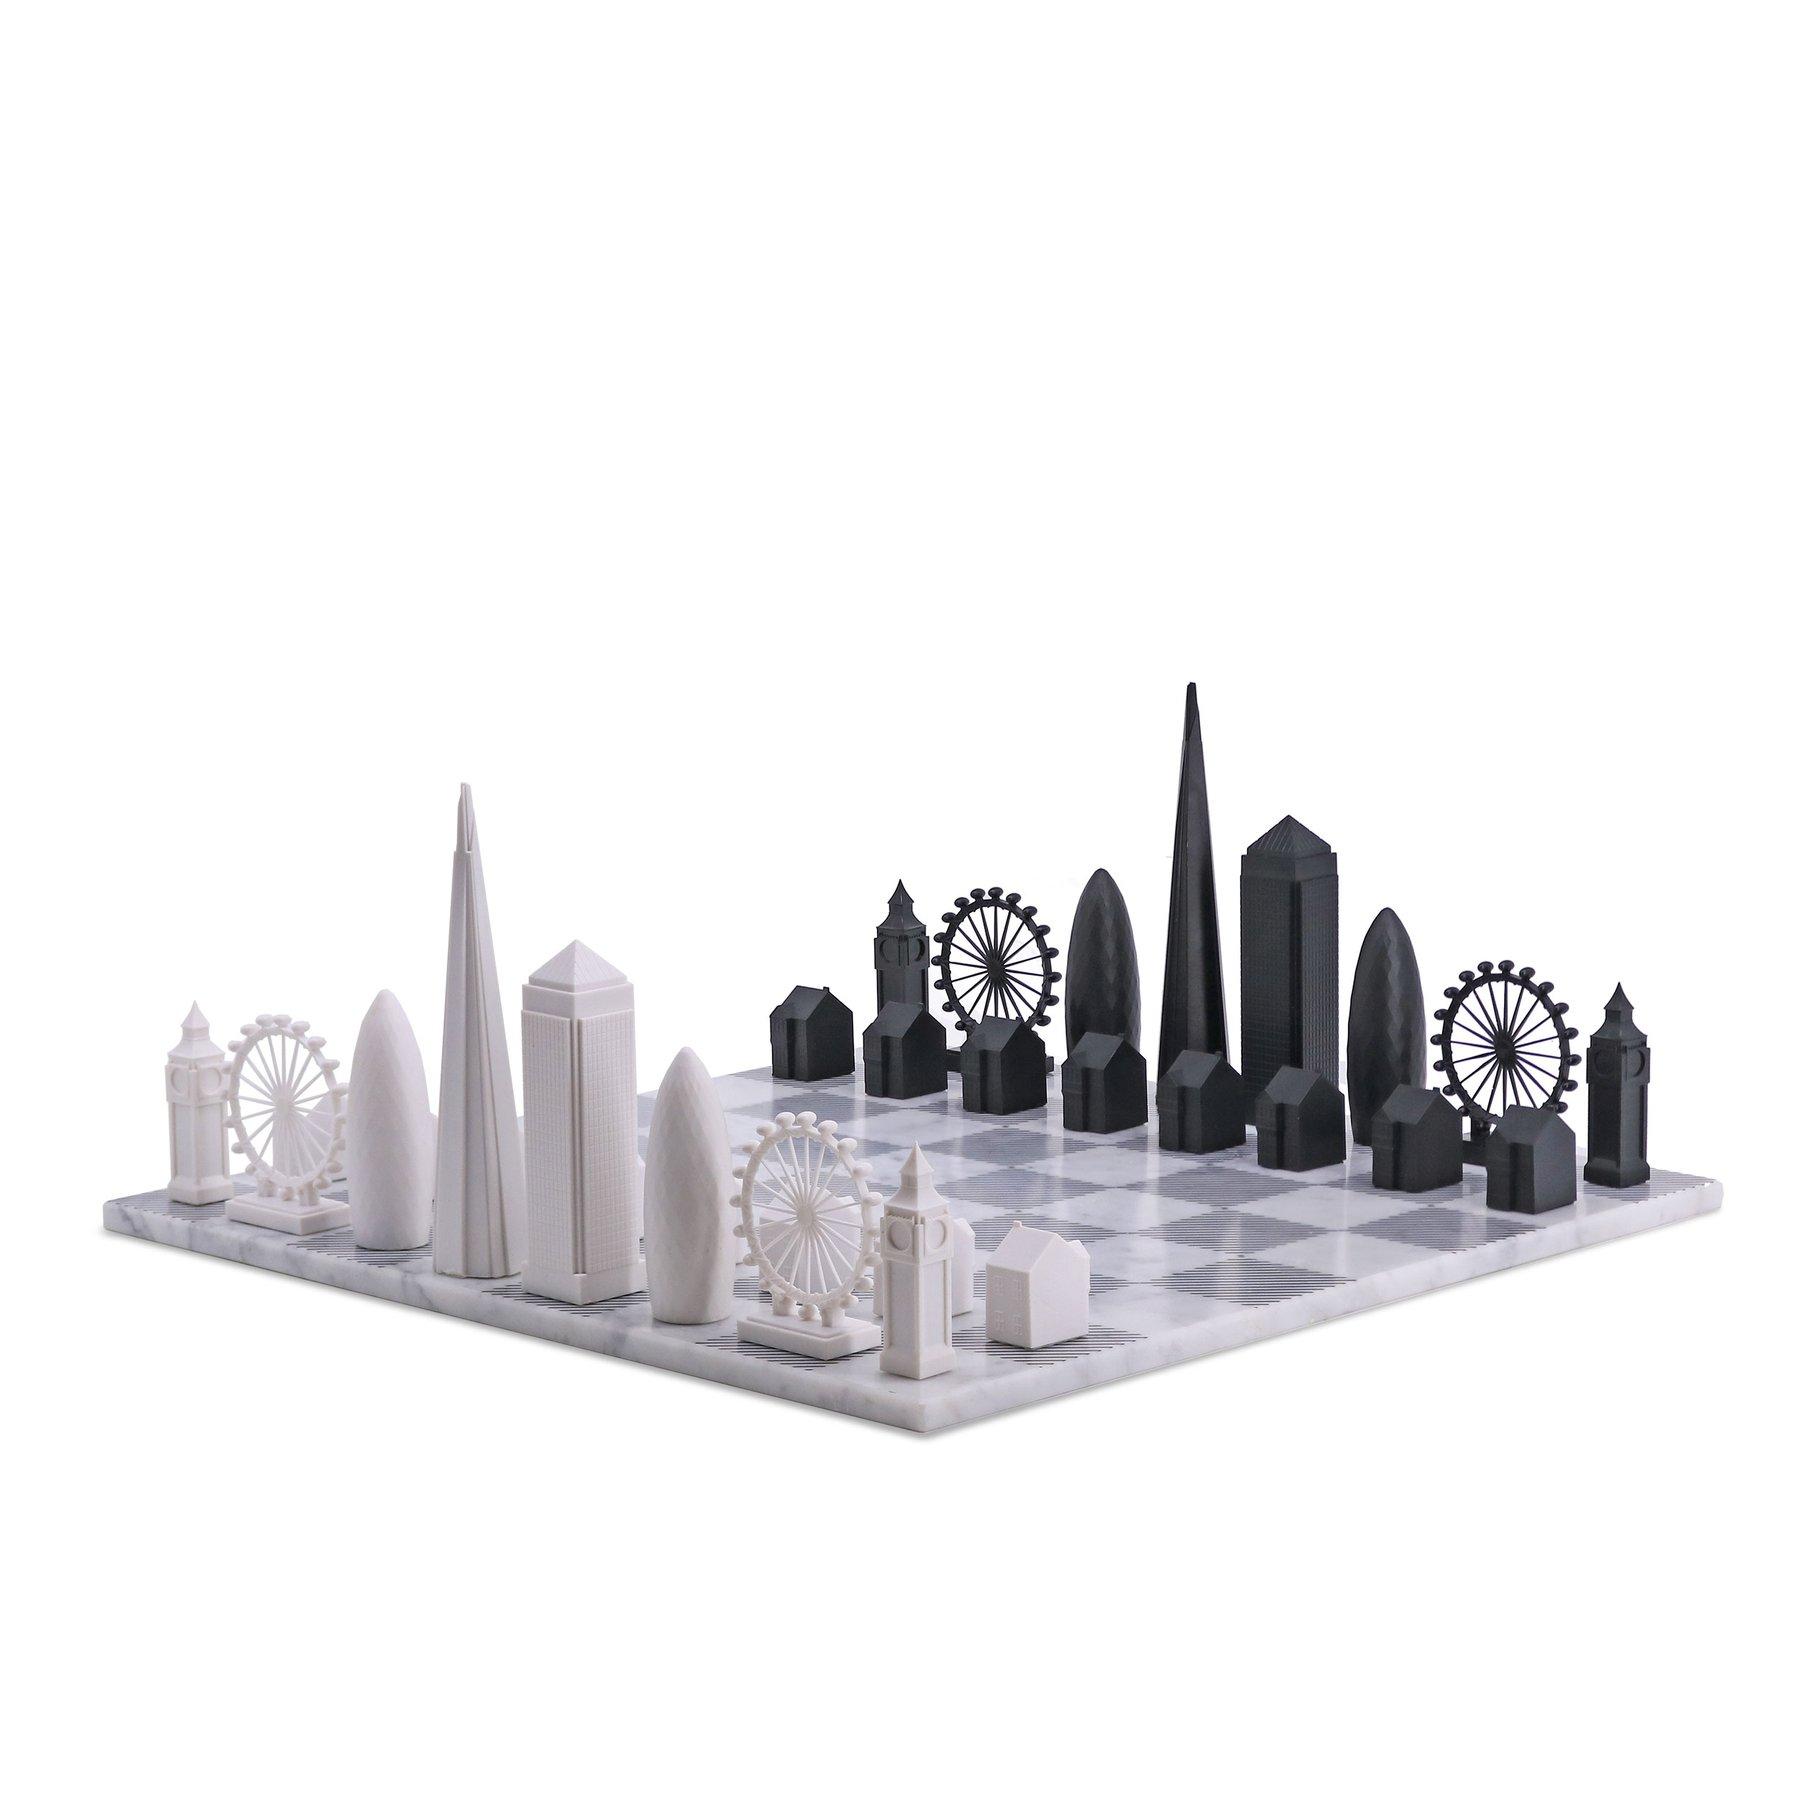 画像1: 【Skyline Chess 】ロンドンエディション チェスセット チェス 大理石ボード/ウッドボード スカイラインチェス THE LONDON EDITION トイ オブジェ インテリア お洒落 おしゃれ かっこいい モダン ギフト ボードゲーム   (1)